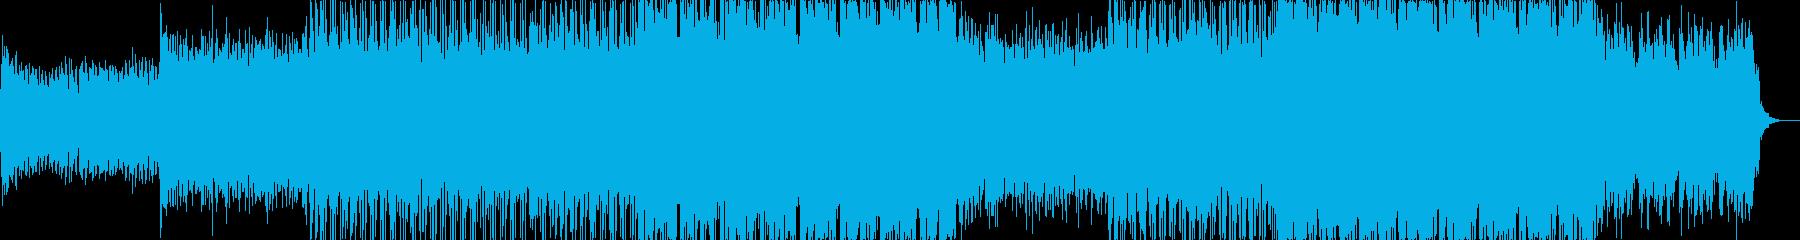 オープニング企業VPイベント-04の再生済みの波形